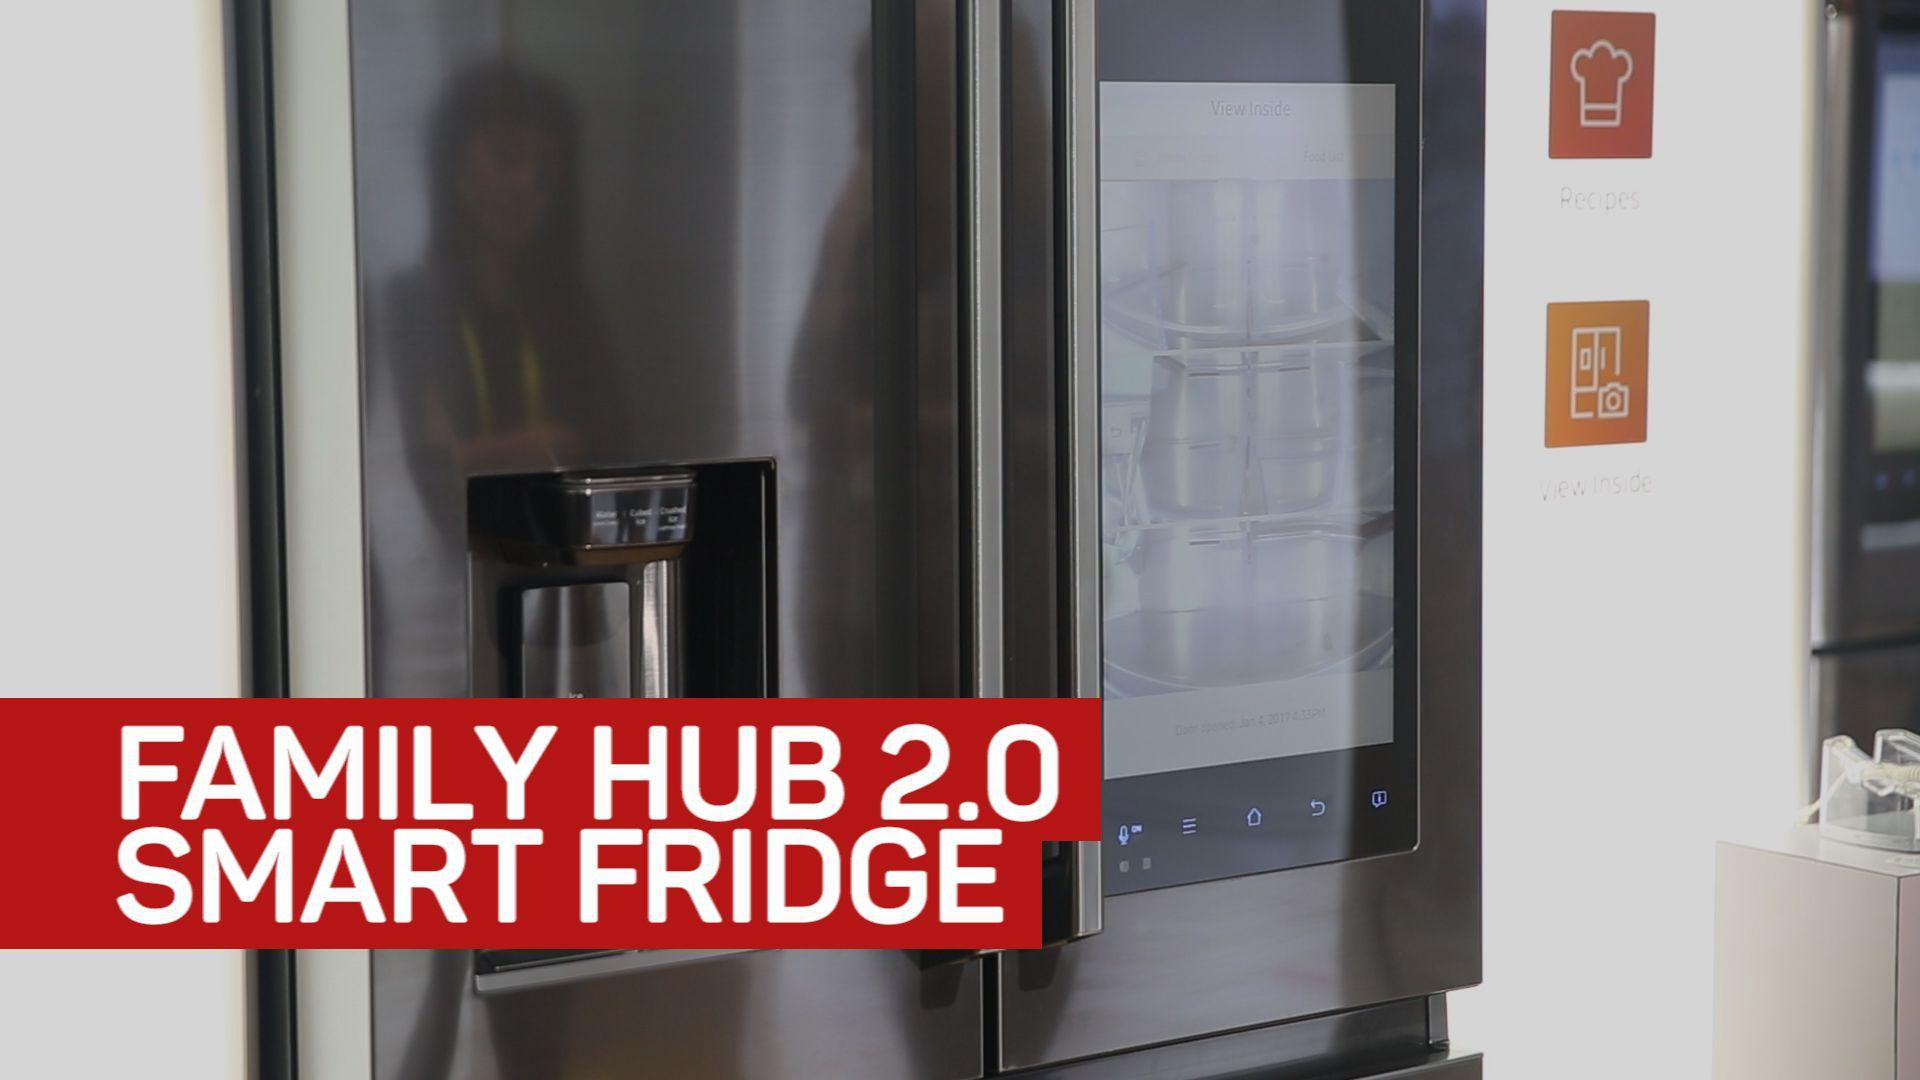 samsung upgrades family hub 2 0 smart fridge haystack tv. Black Bedroom Furniture Sets. Home Design Ideas